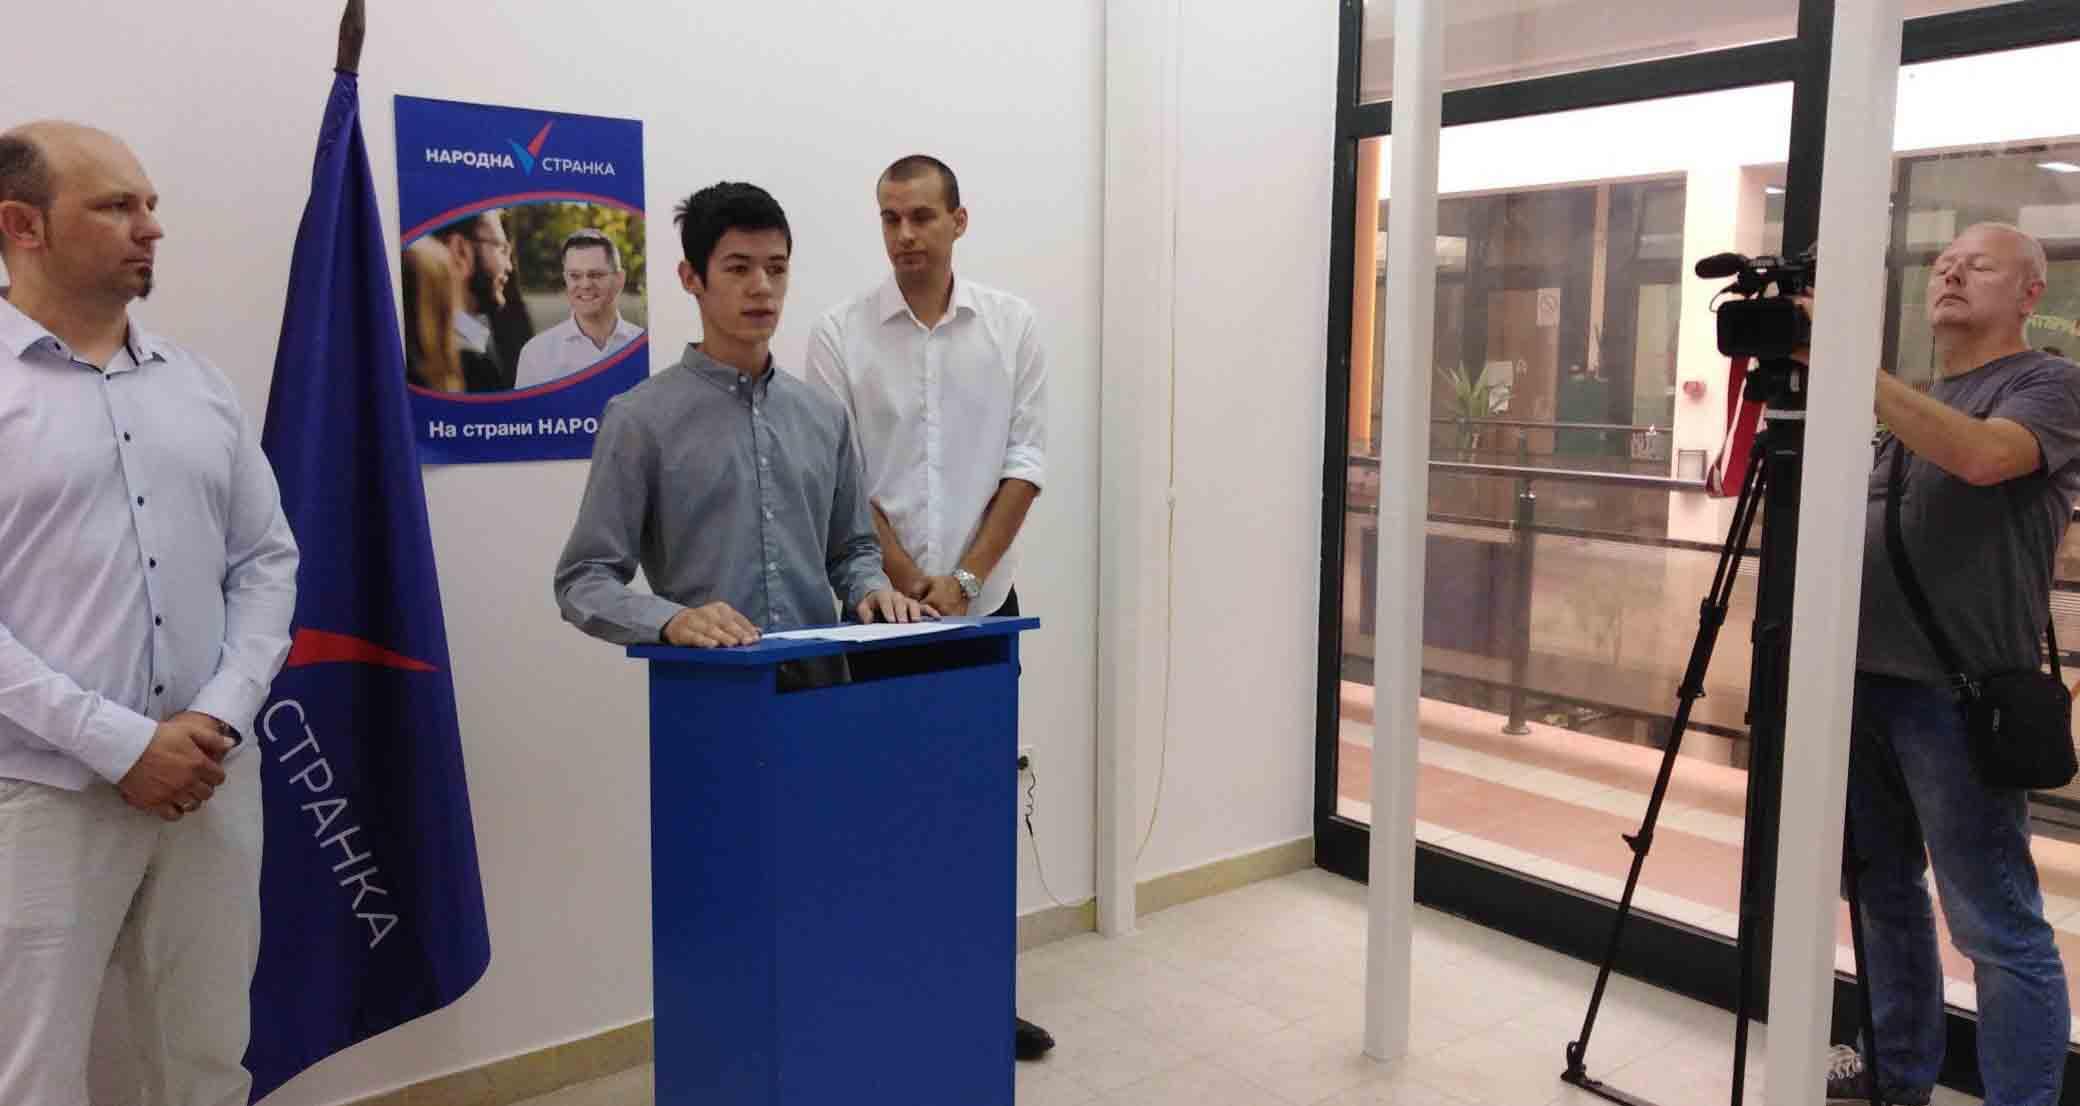 Омладина Народне странке Крагујевац: Образовани морају бити носиоци промена, а не функционери са лажним дипломама